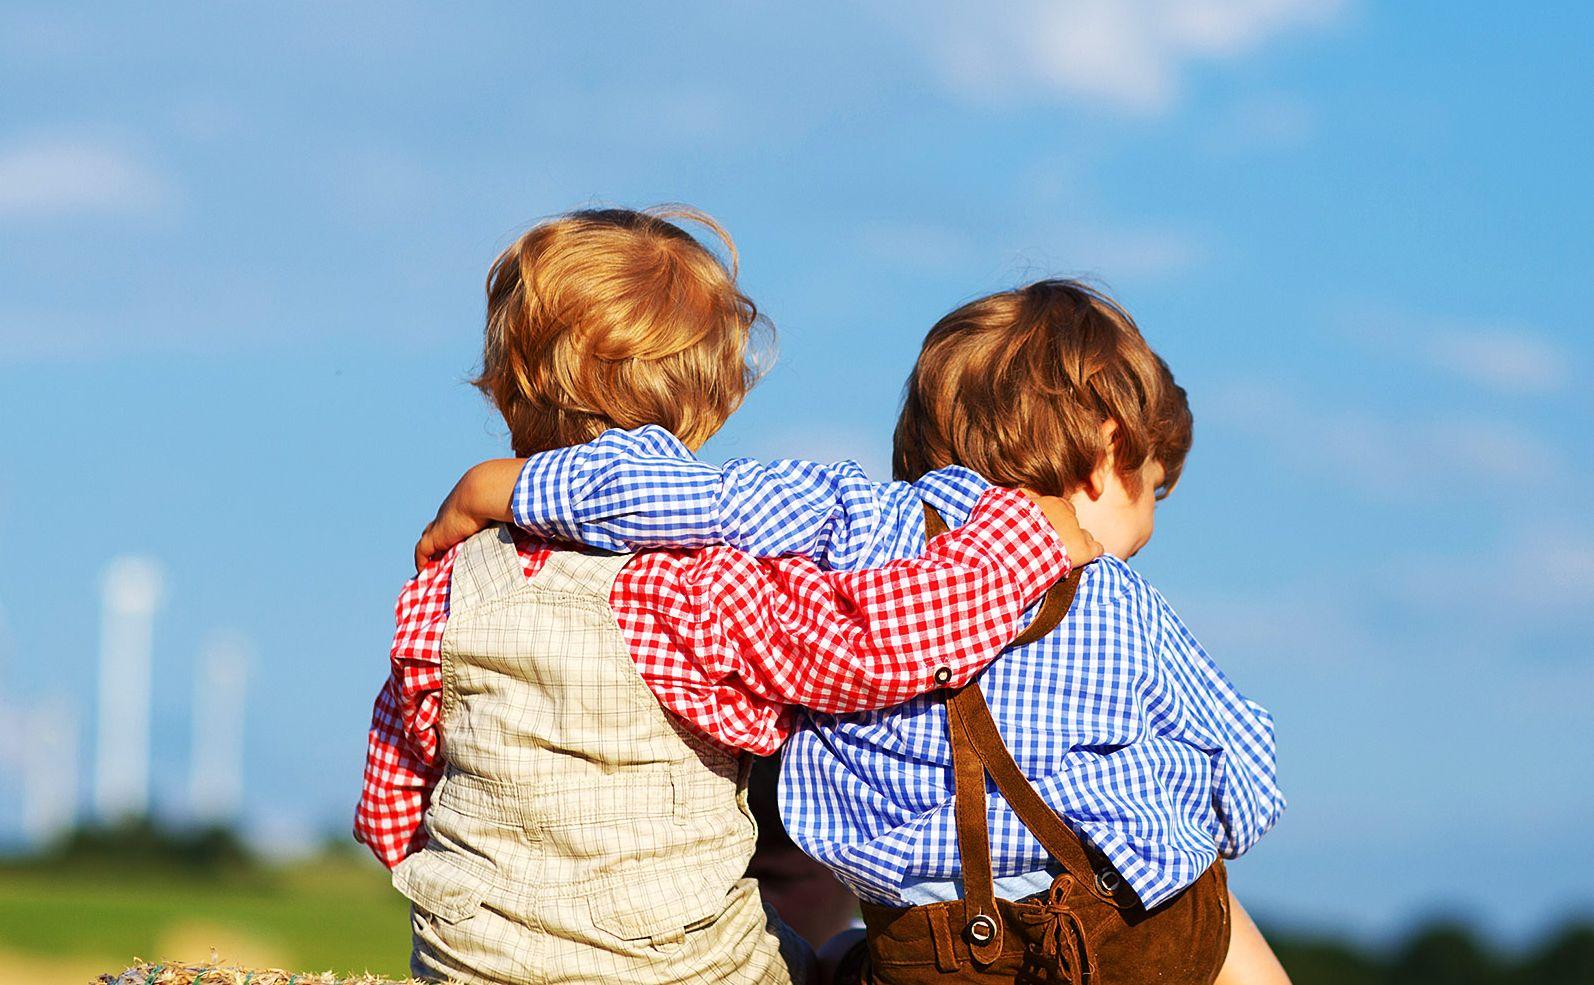 wszystko-to-potrzebne-moje-pierwsze-sześć-lat-z-bliźniakami-wyposażone